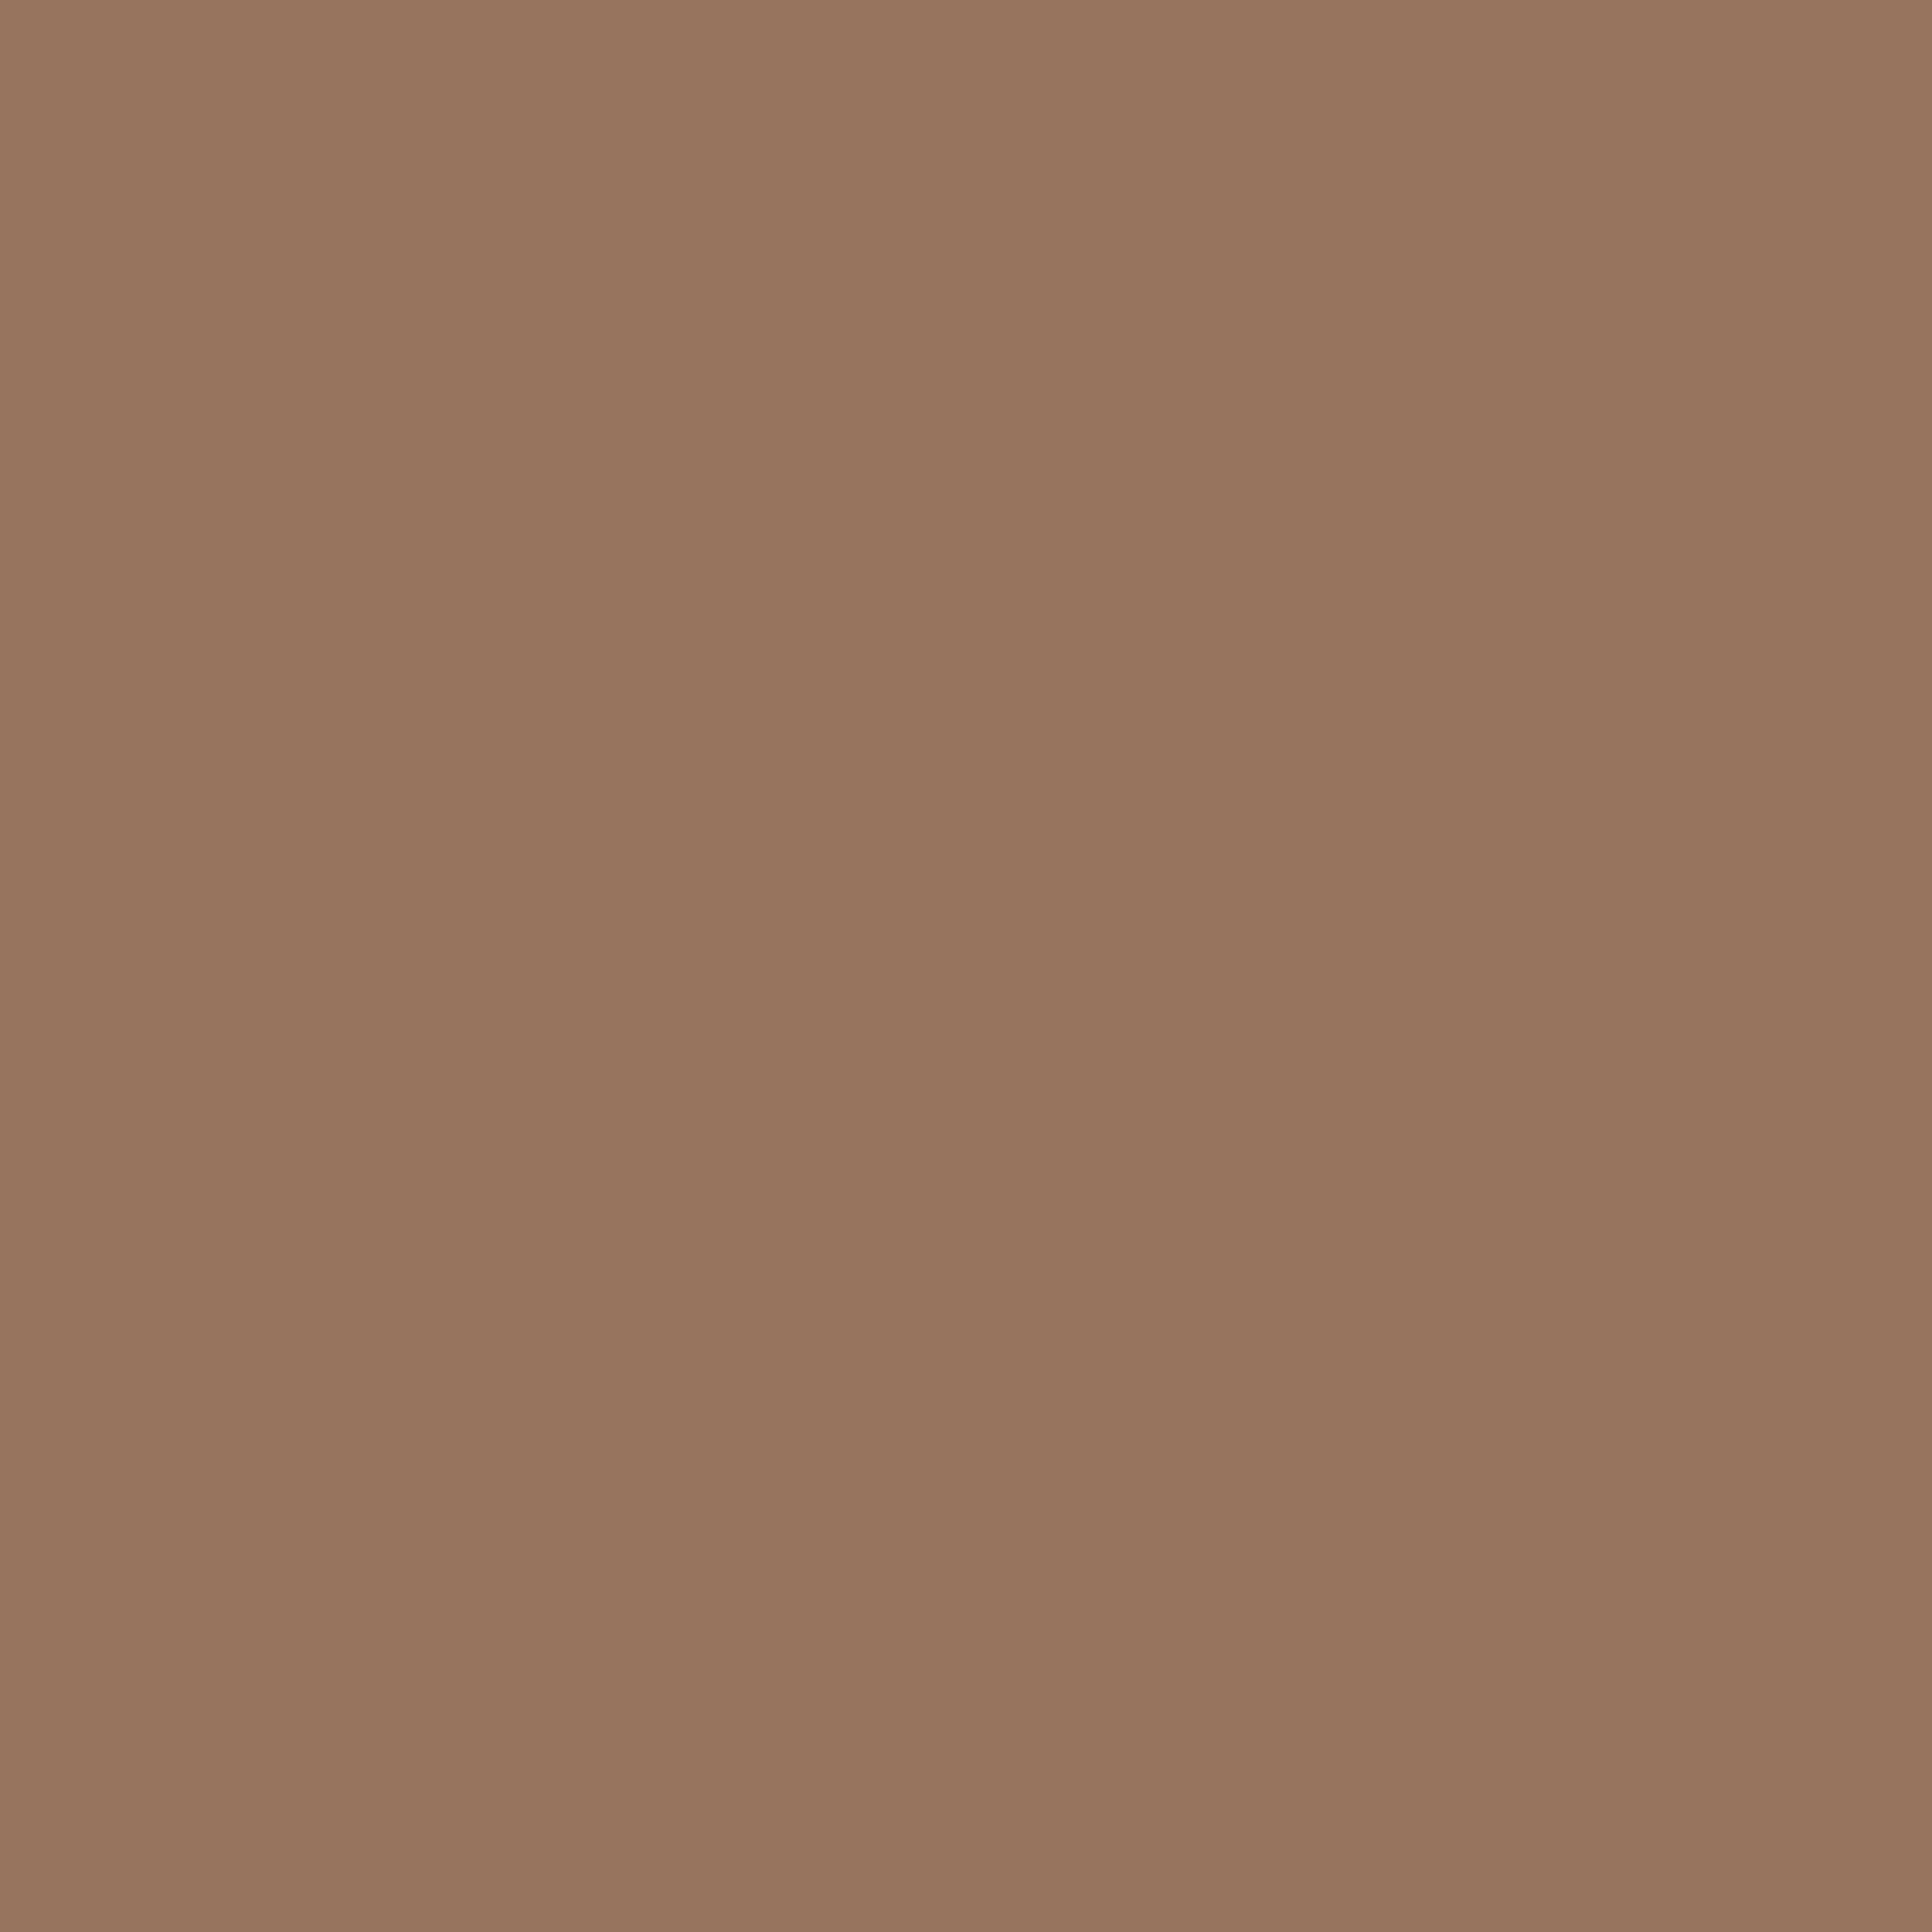 308 Caramel